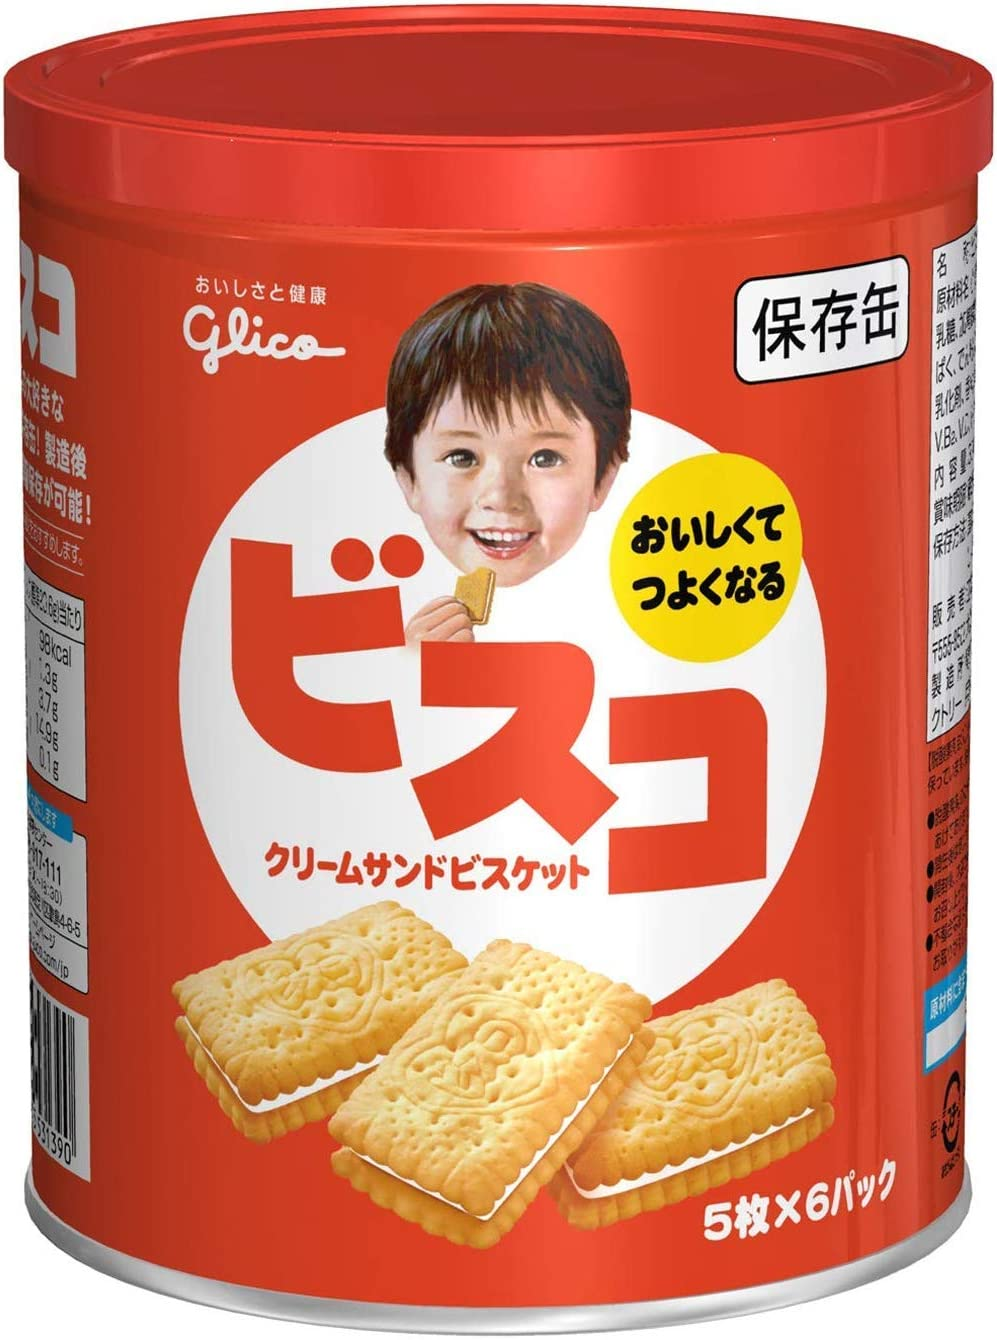 江崎グリコ ビスコ保存缶